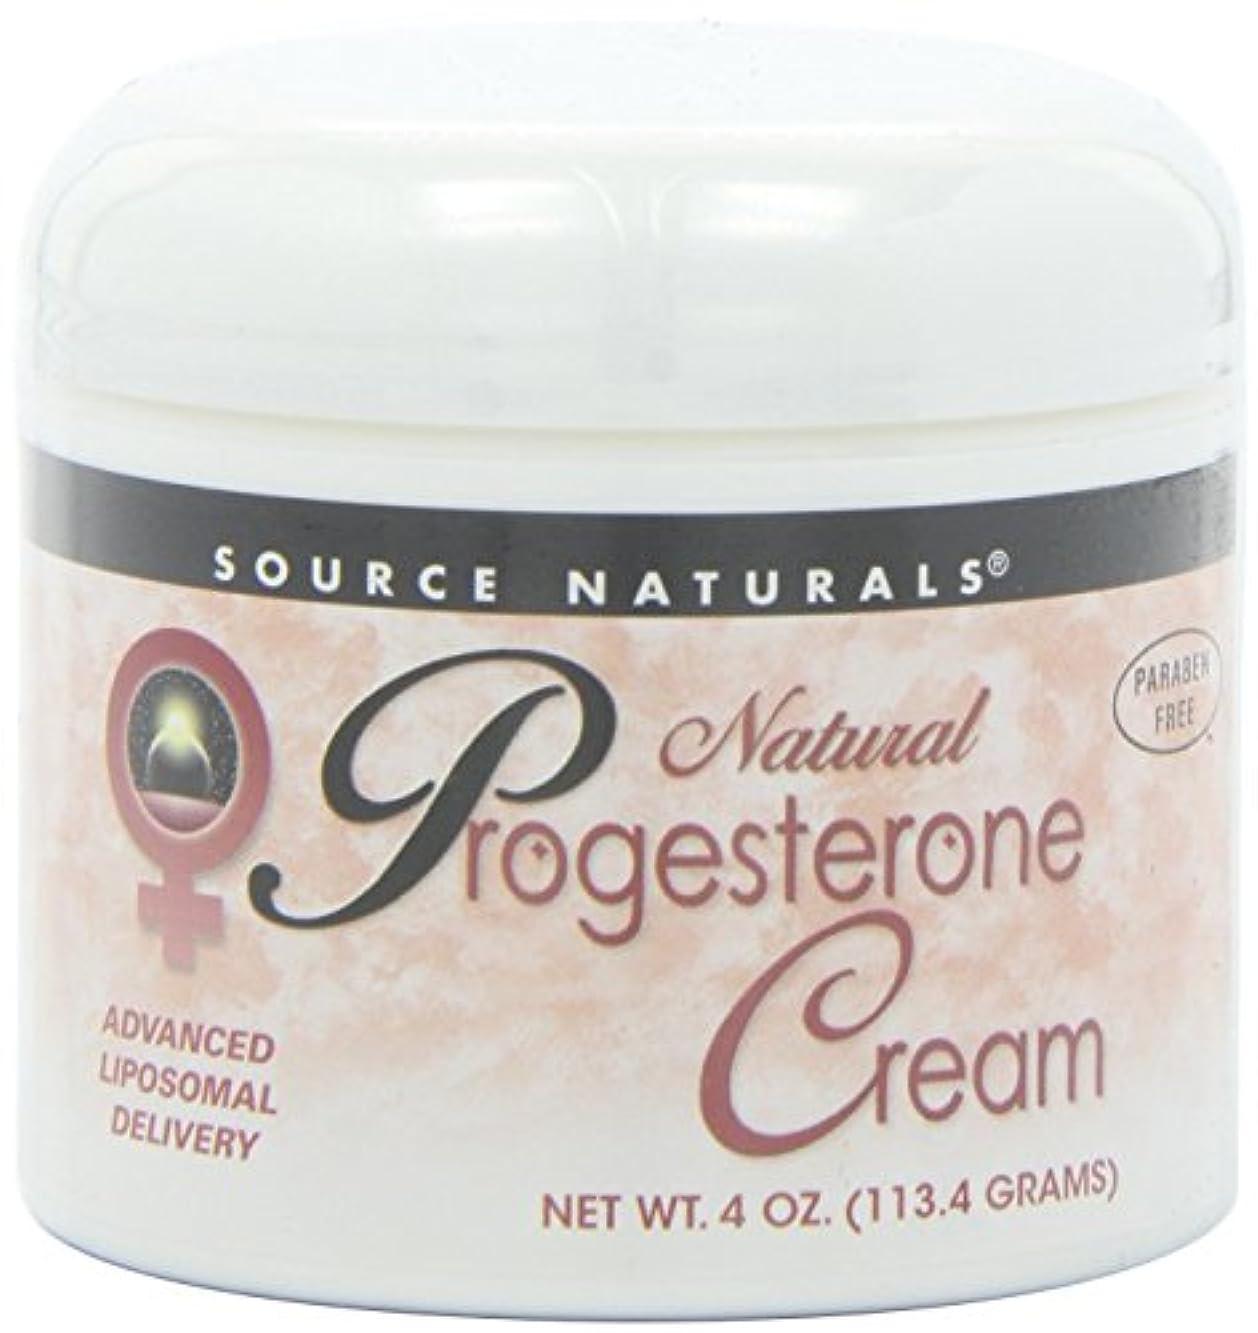 の頭の上覆すアカデミーSource Naturals Natural Progesterone Cream, 4 Ounce (113.4 g) クリーム 並行輸入品 [並行輸入品]